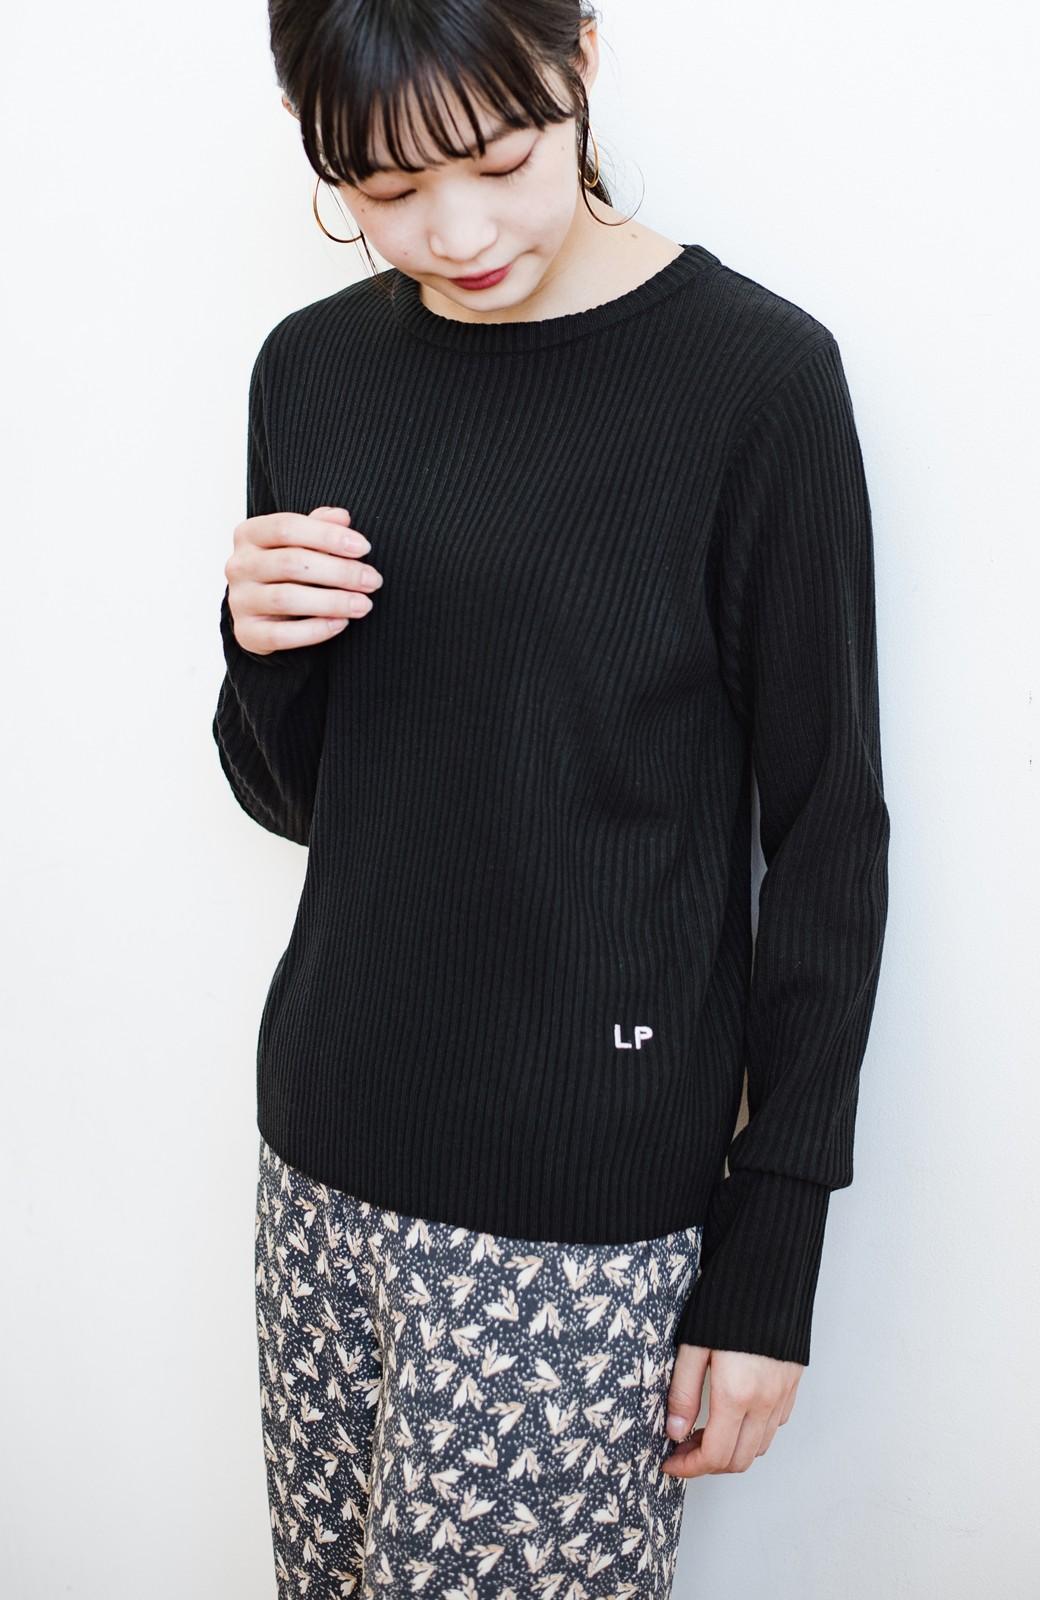 haco! 【高橋愛さんコラボ】本当に使えるニットを吟味! 重ね着に便利な刺繍入りハイネック&クルーネックニットトップス2枚セット by LOVE&PEACE PROJECT <ベージュ・ブラック>の商品写真27